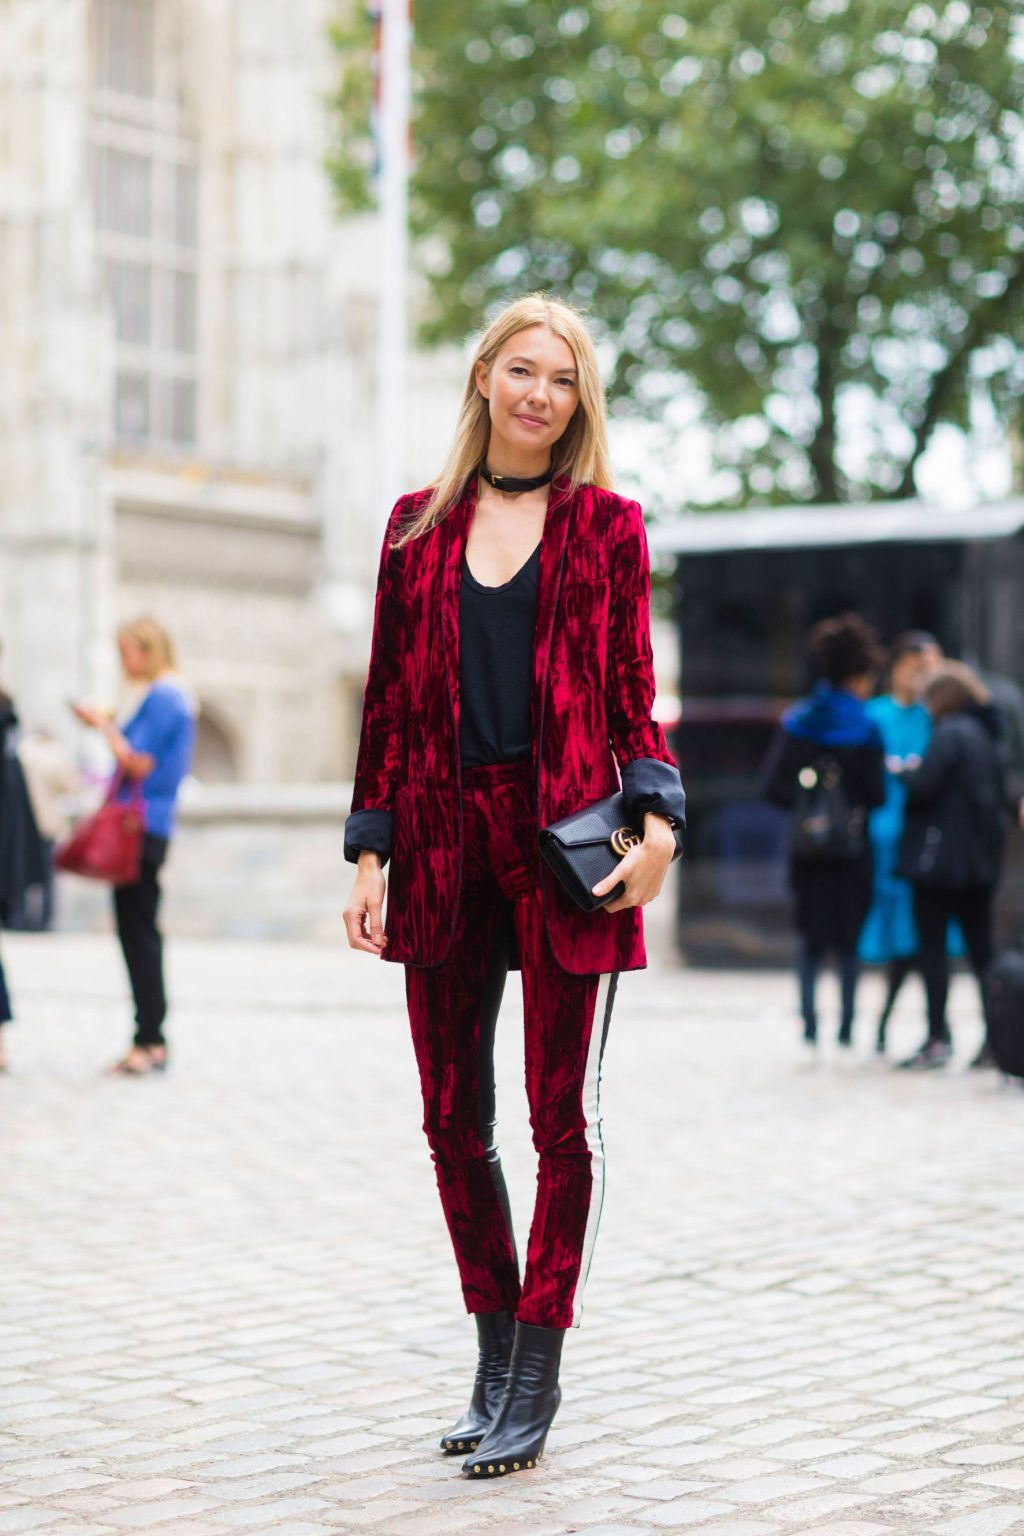 trang phục dự tiệc đỏ burgundy cho mùa lễ hội 30